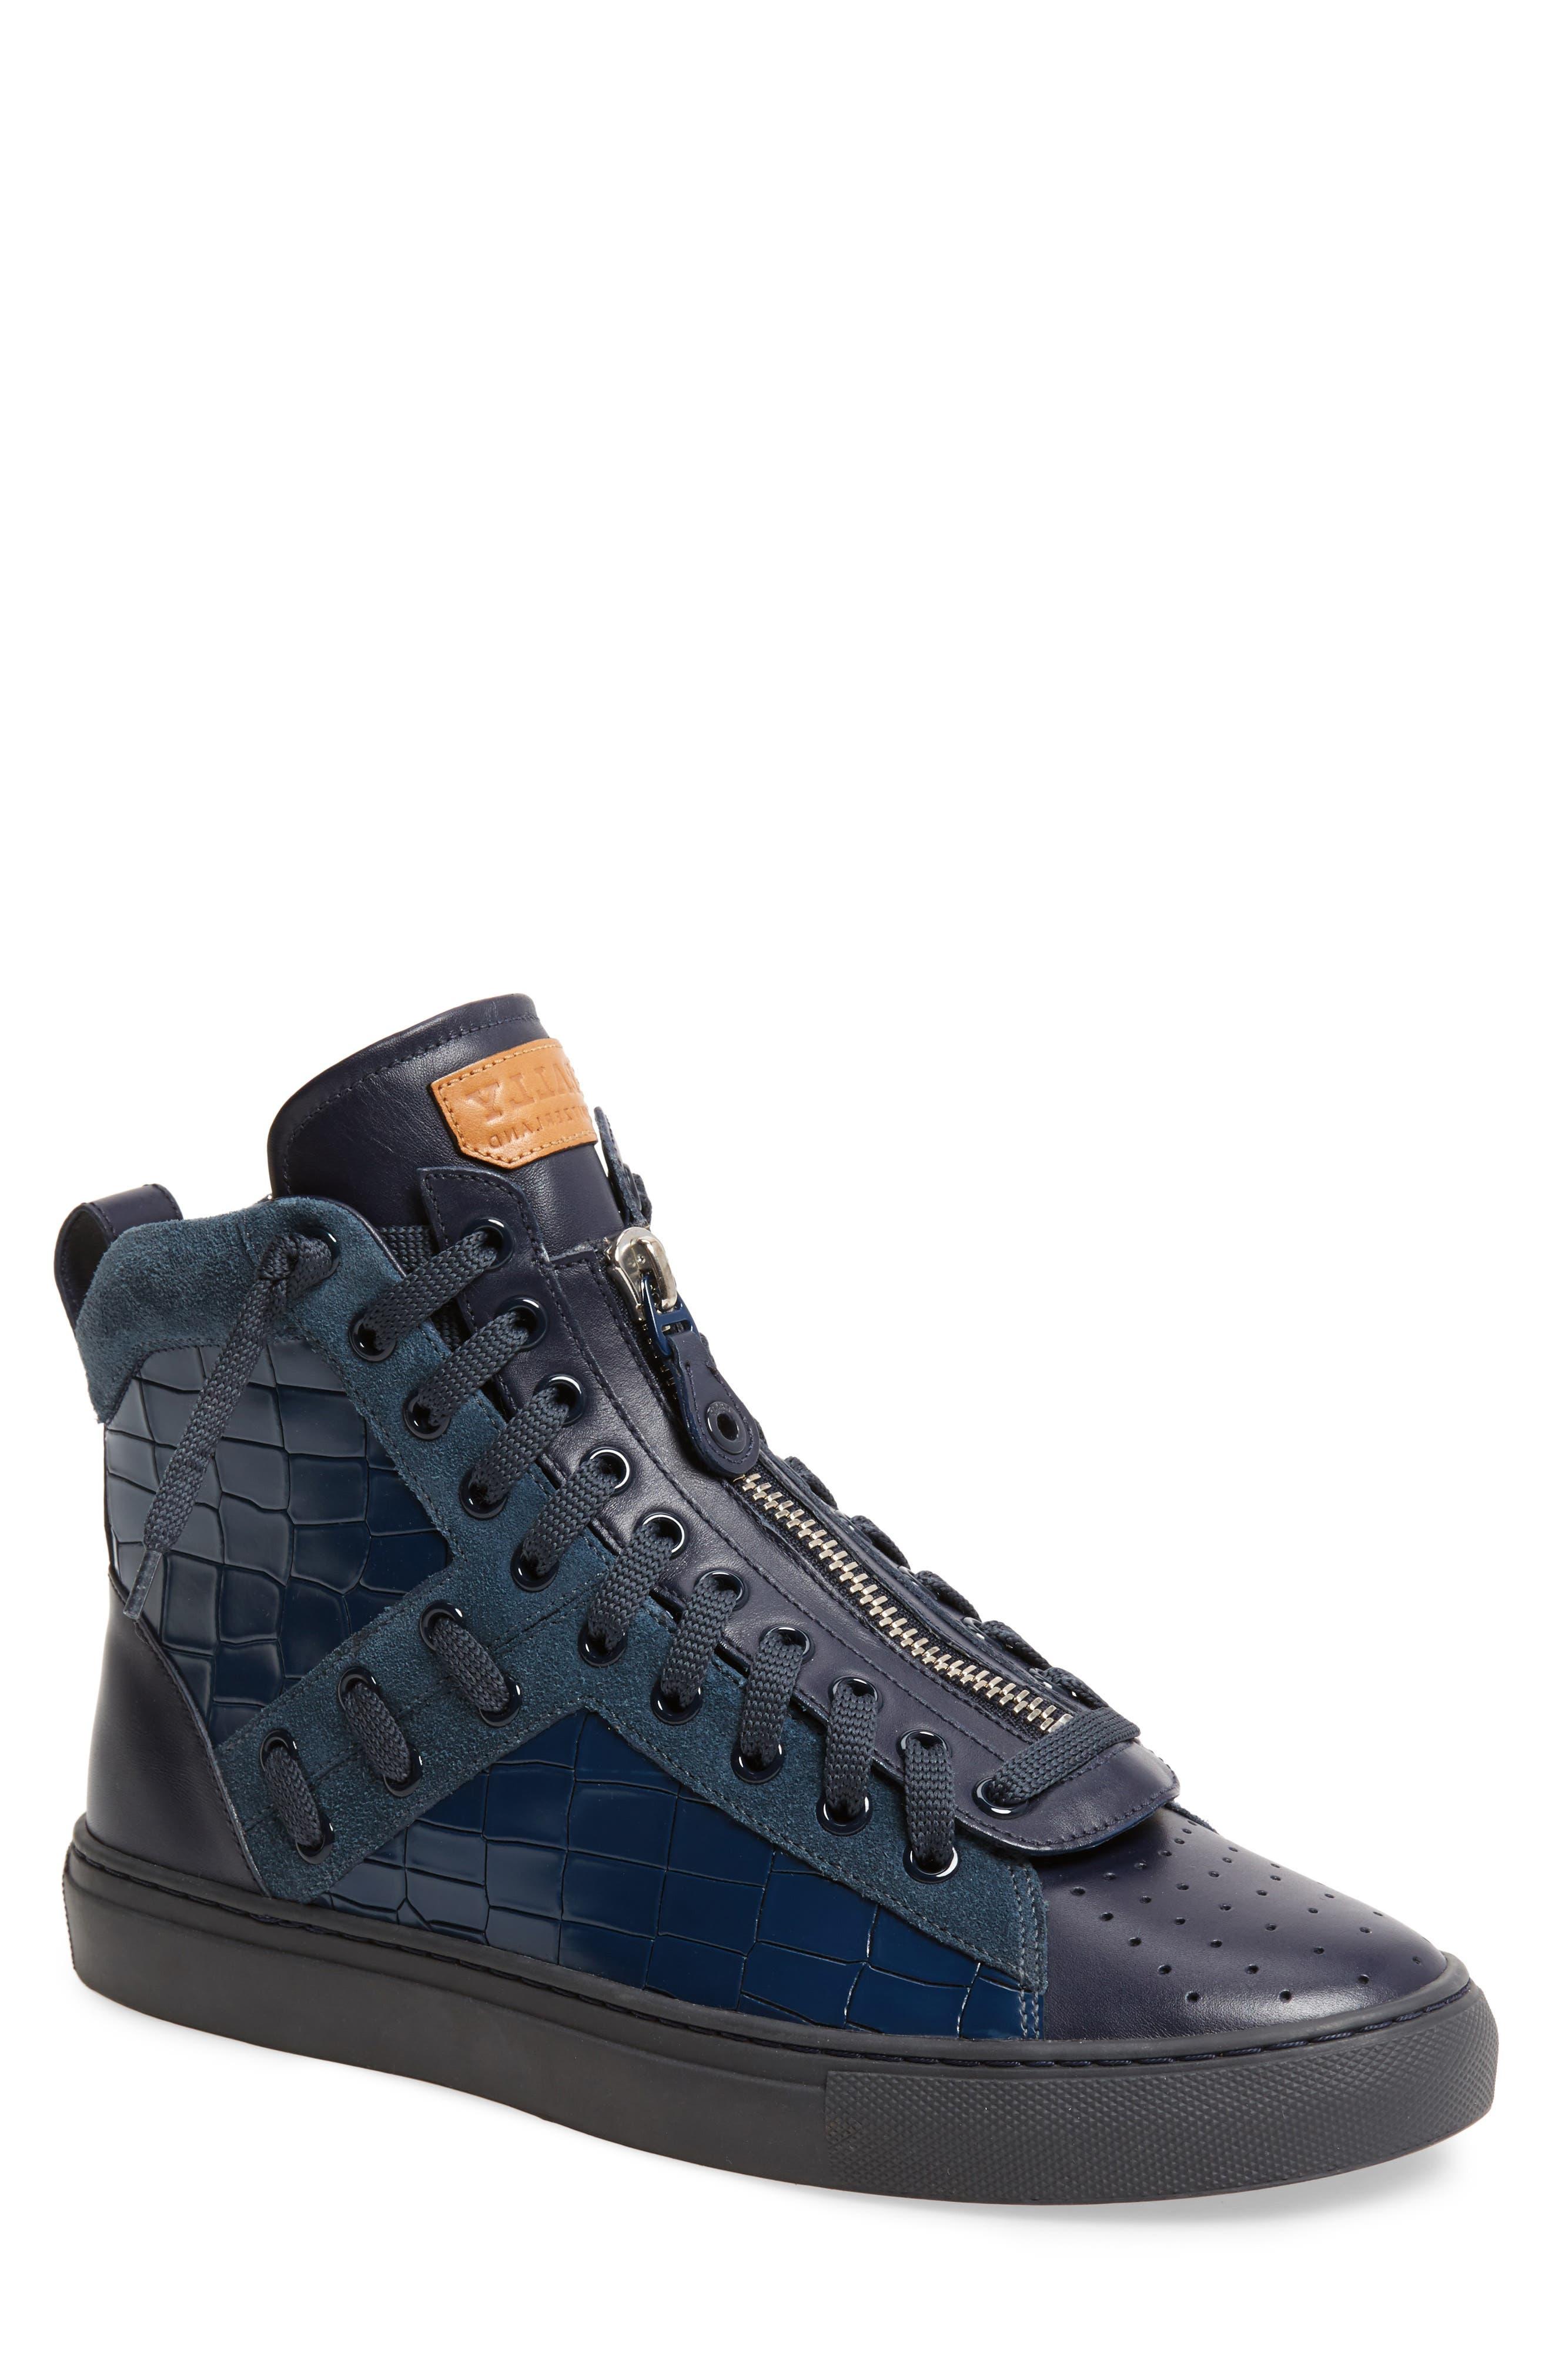 Hekem High-Top Sneaker,                             Main thumbnail 1, color,                             Ocean